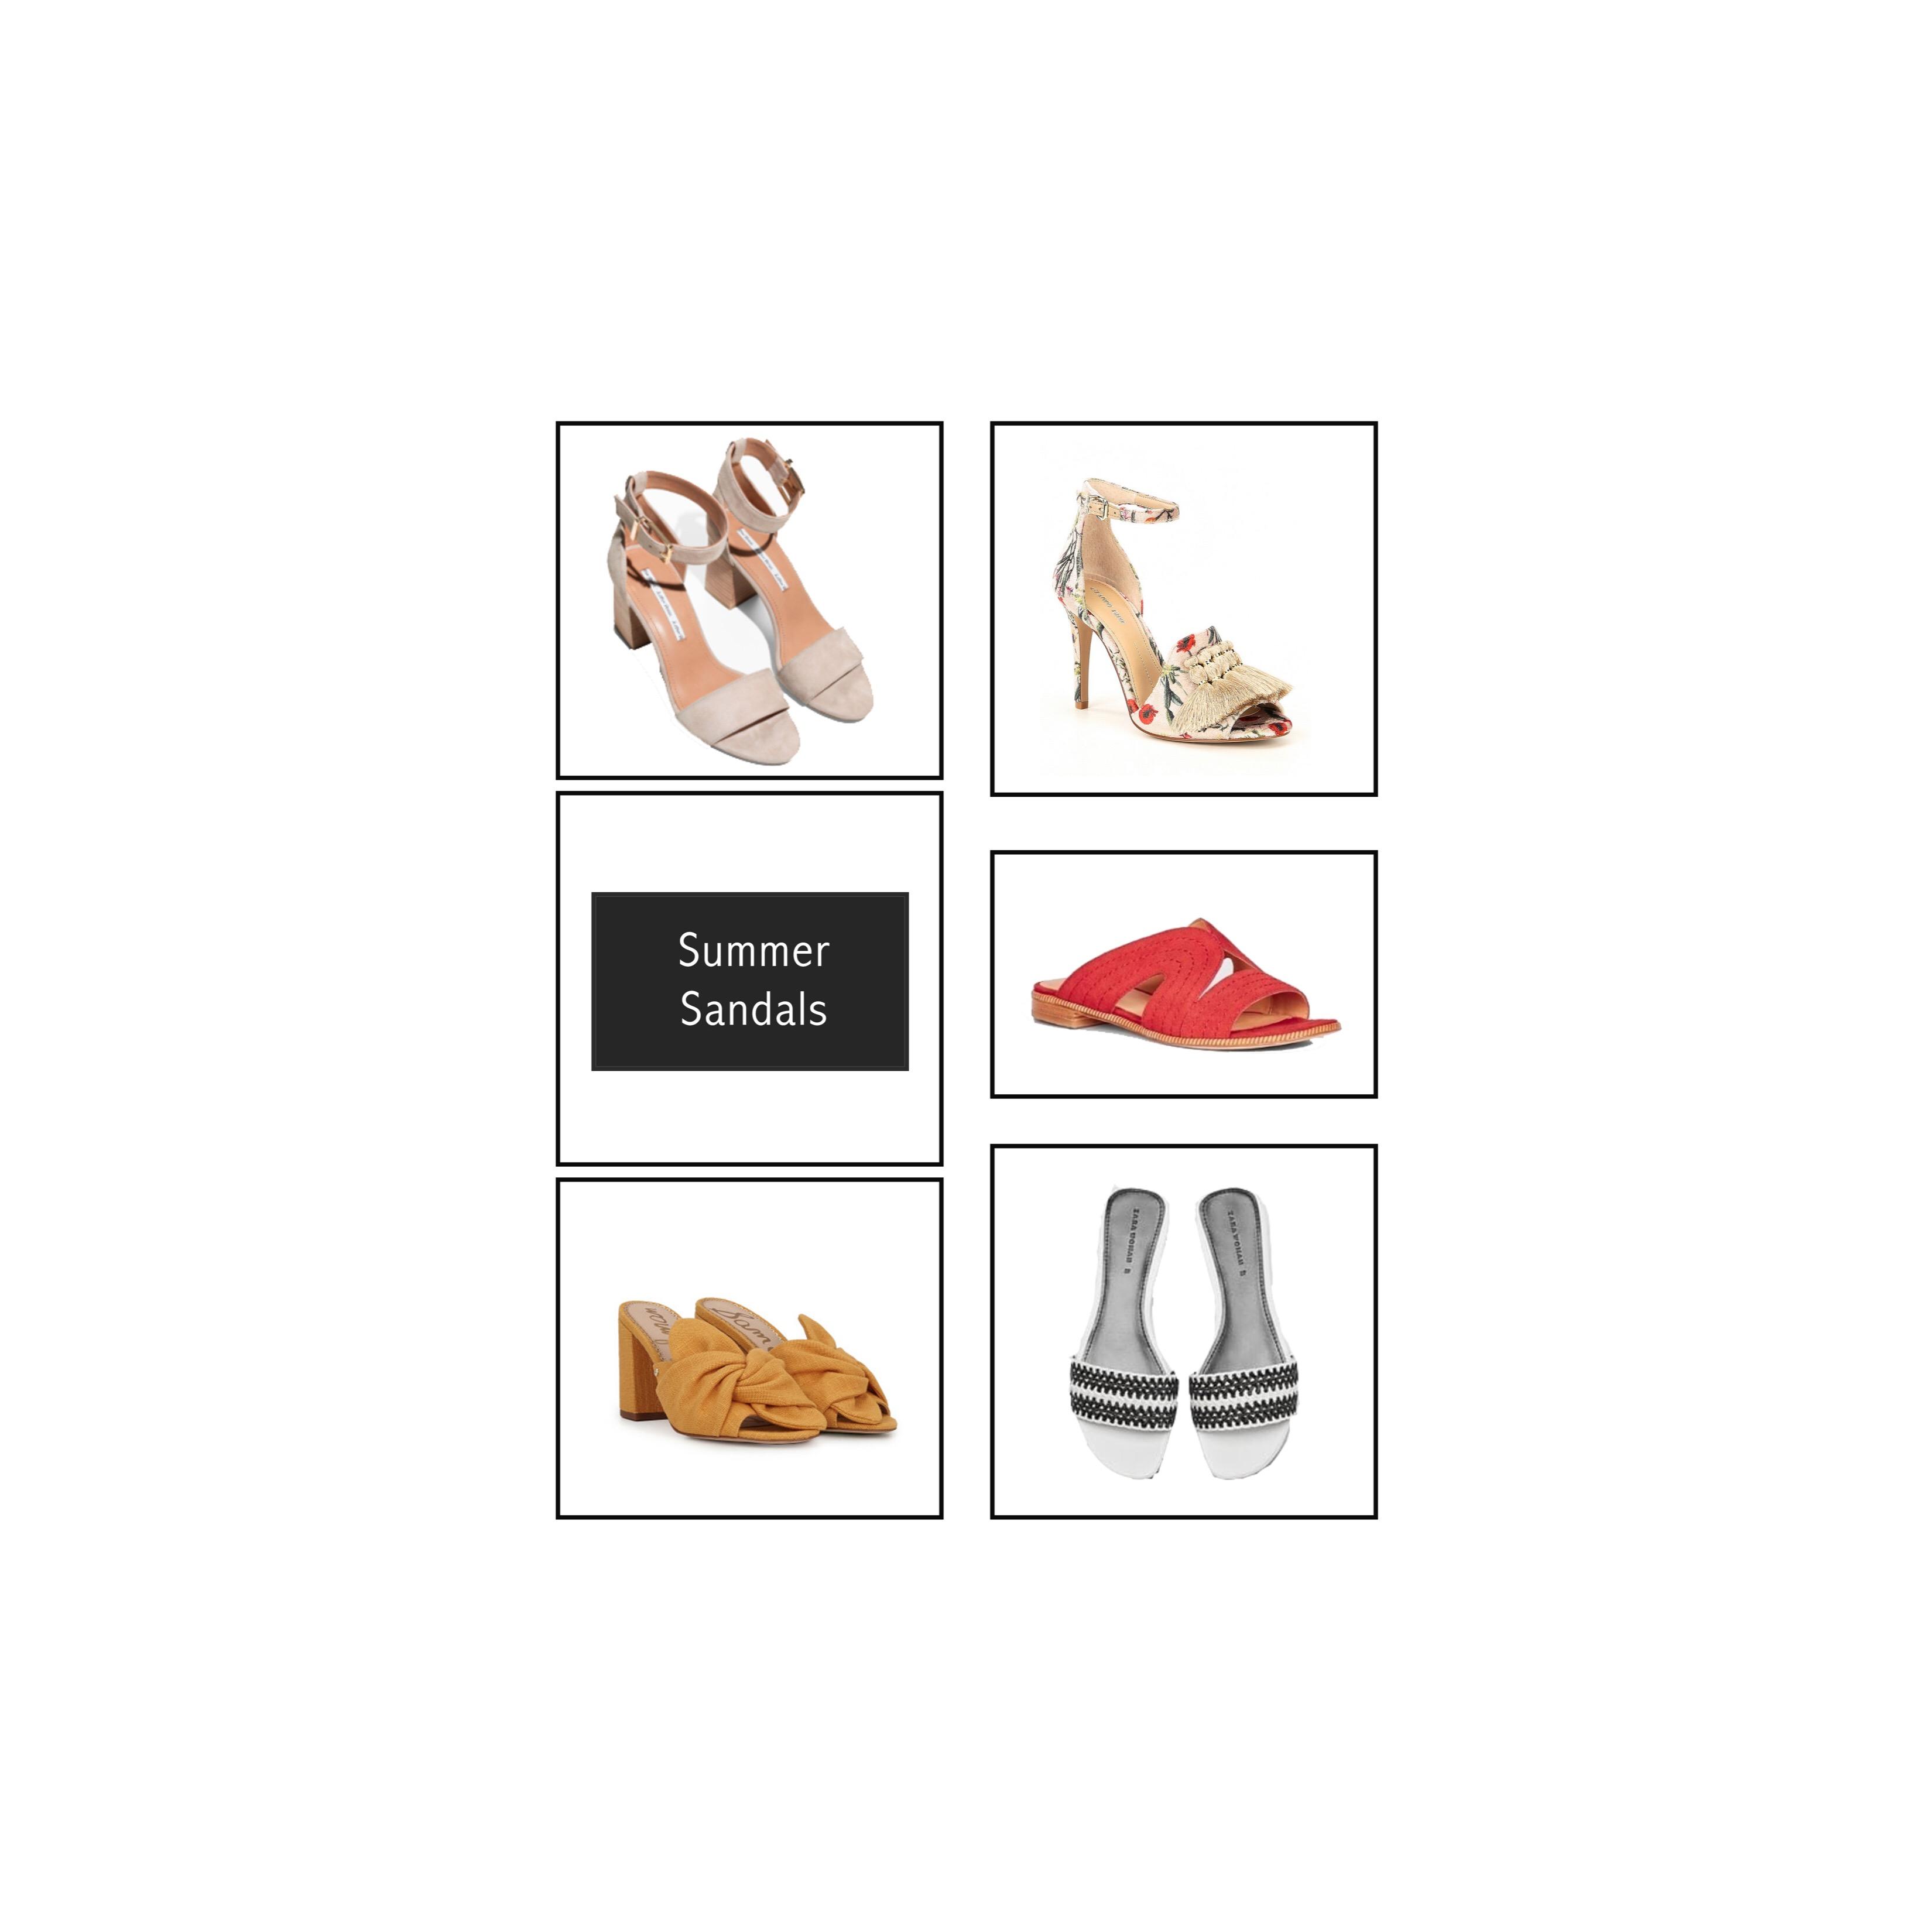 Courtney Courtney Sandals Sandals Summer Conlin Summer – Sandals – Conlin Summer 80nXPOwk